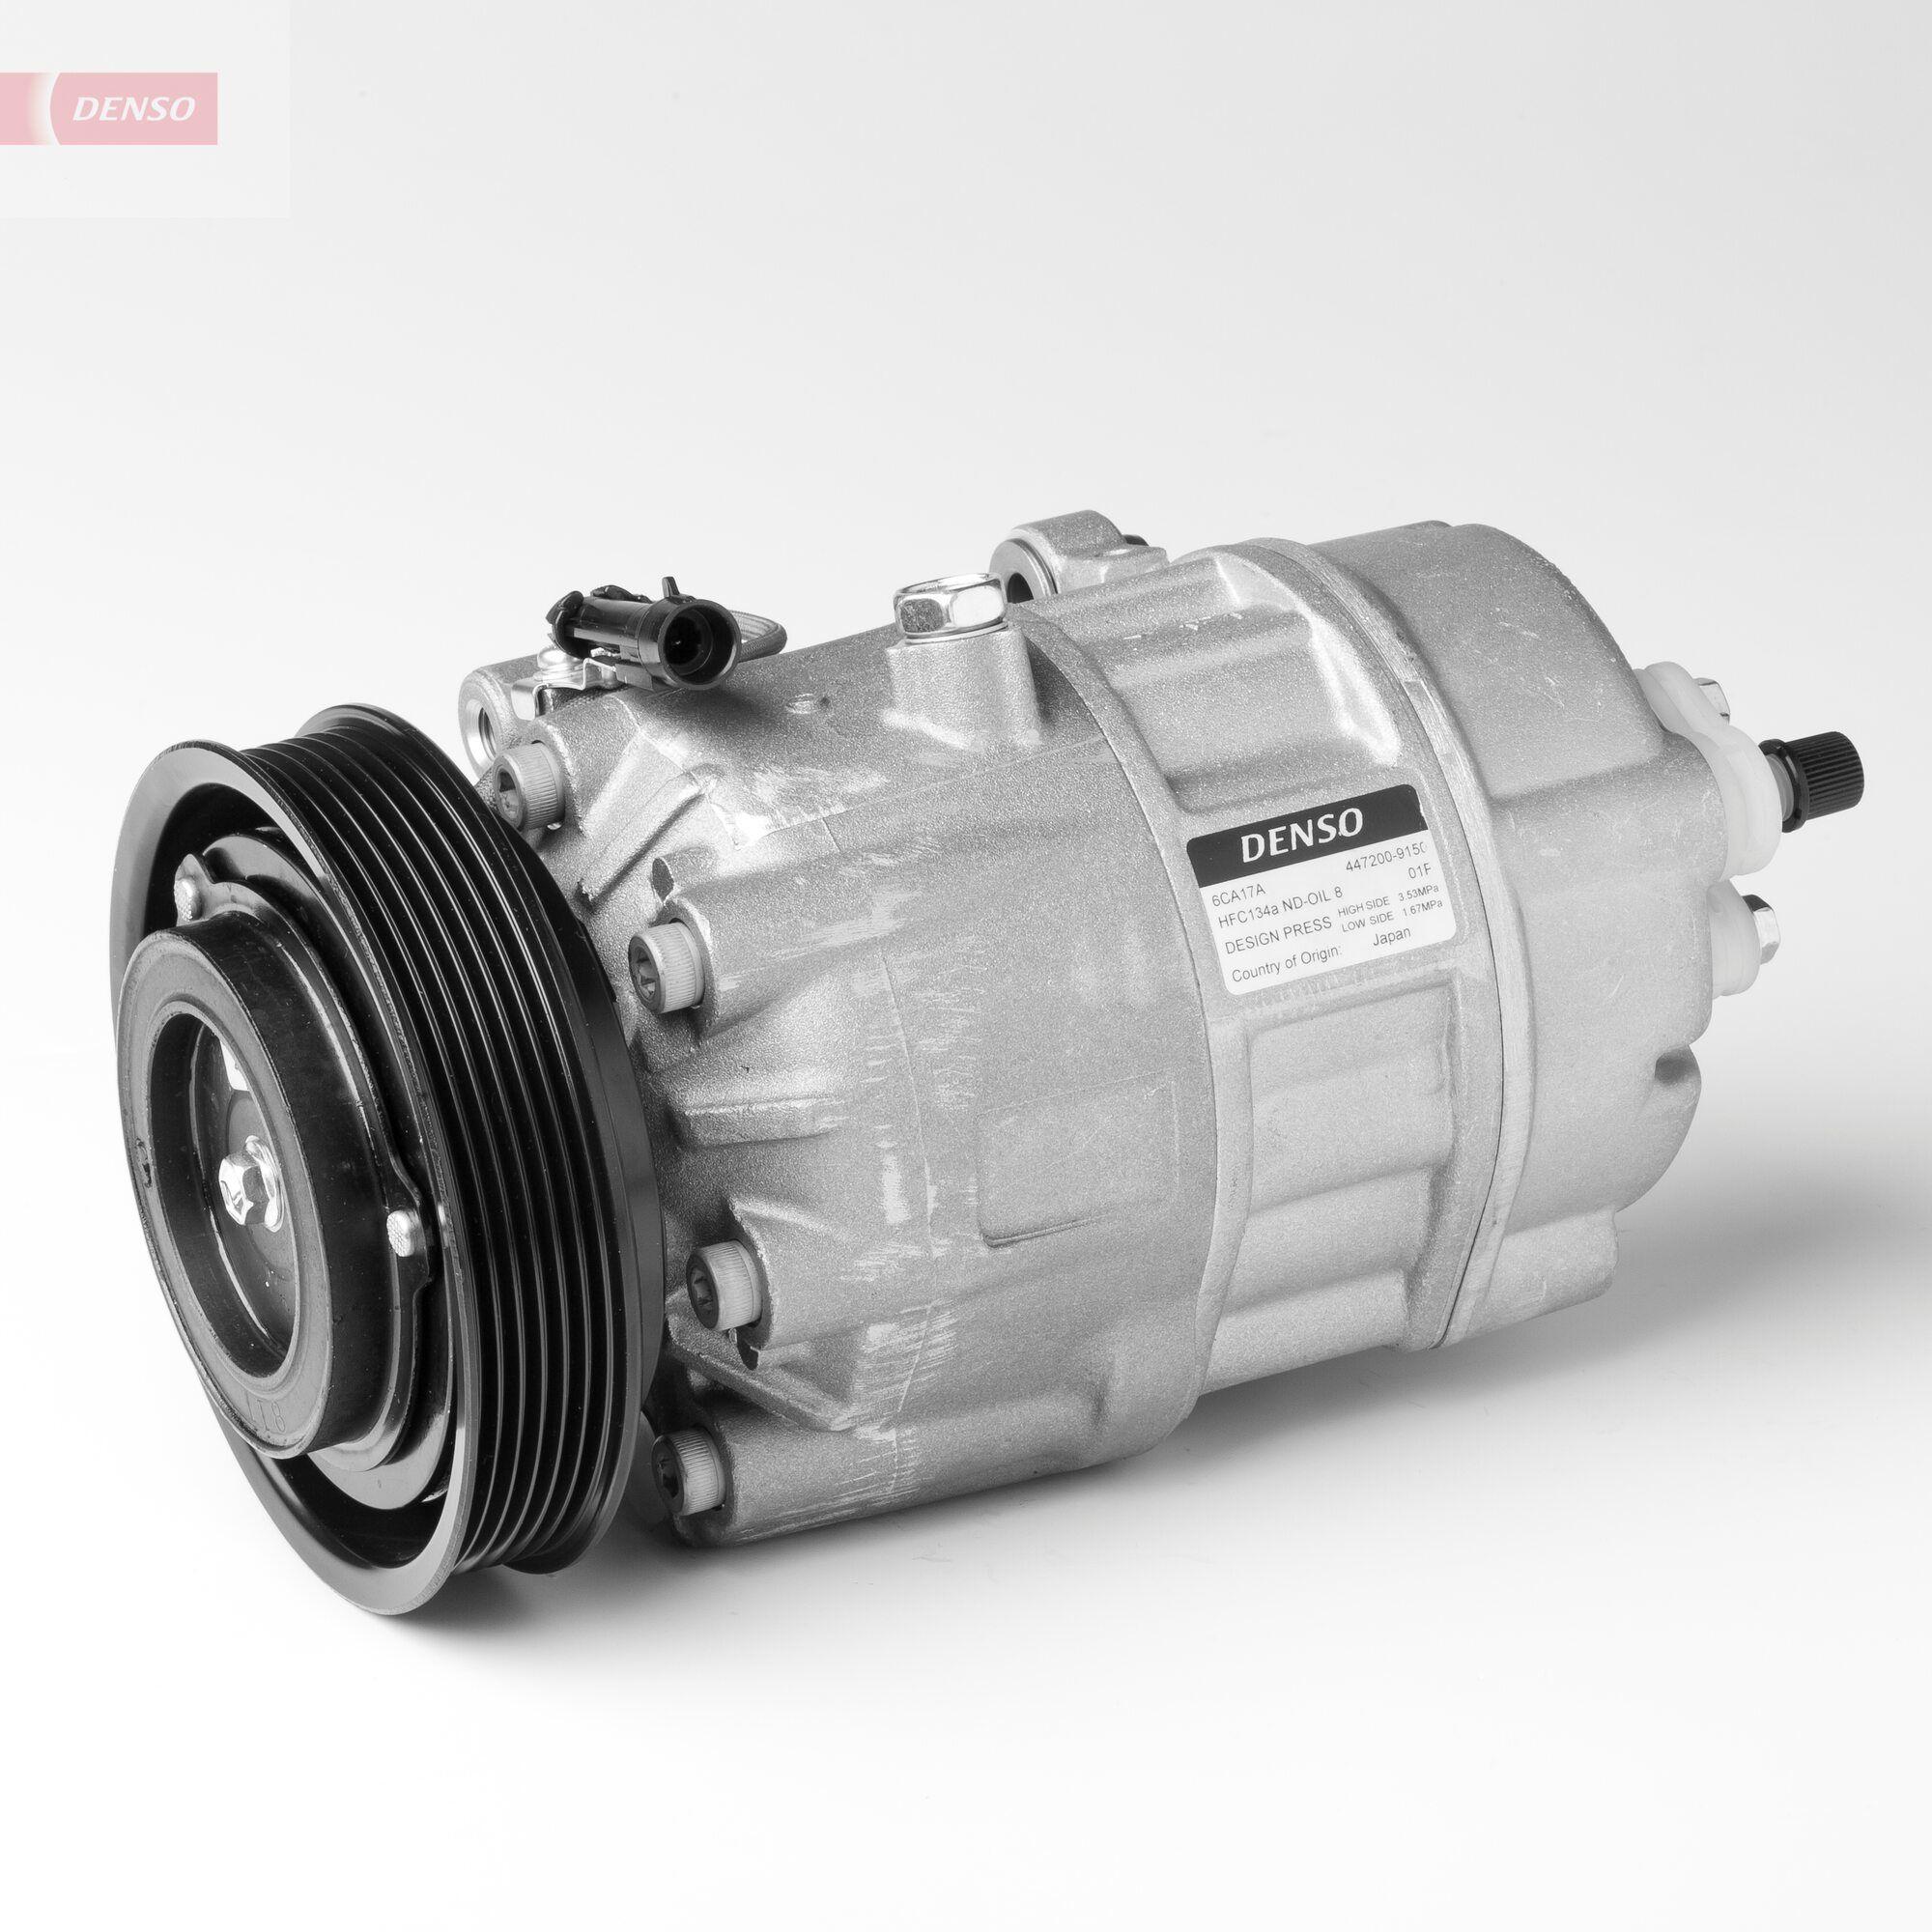 Kompressor DENSO DCP13001